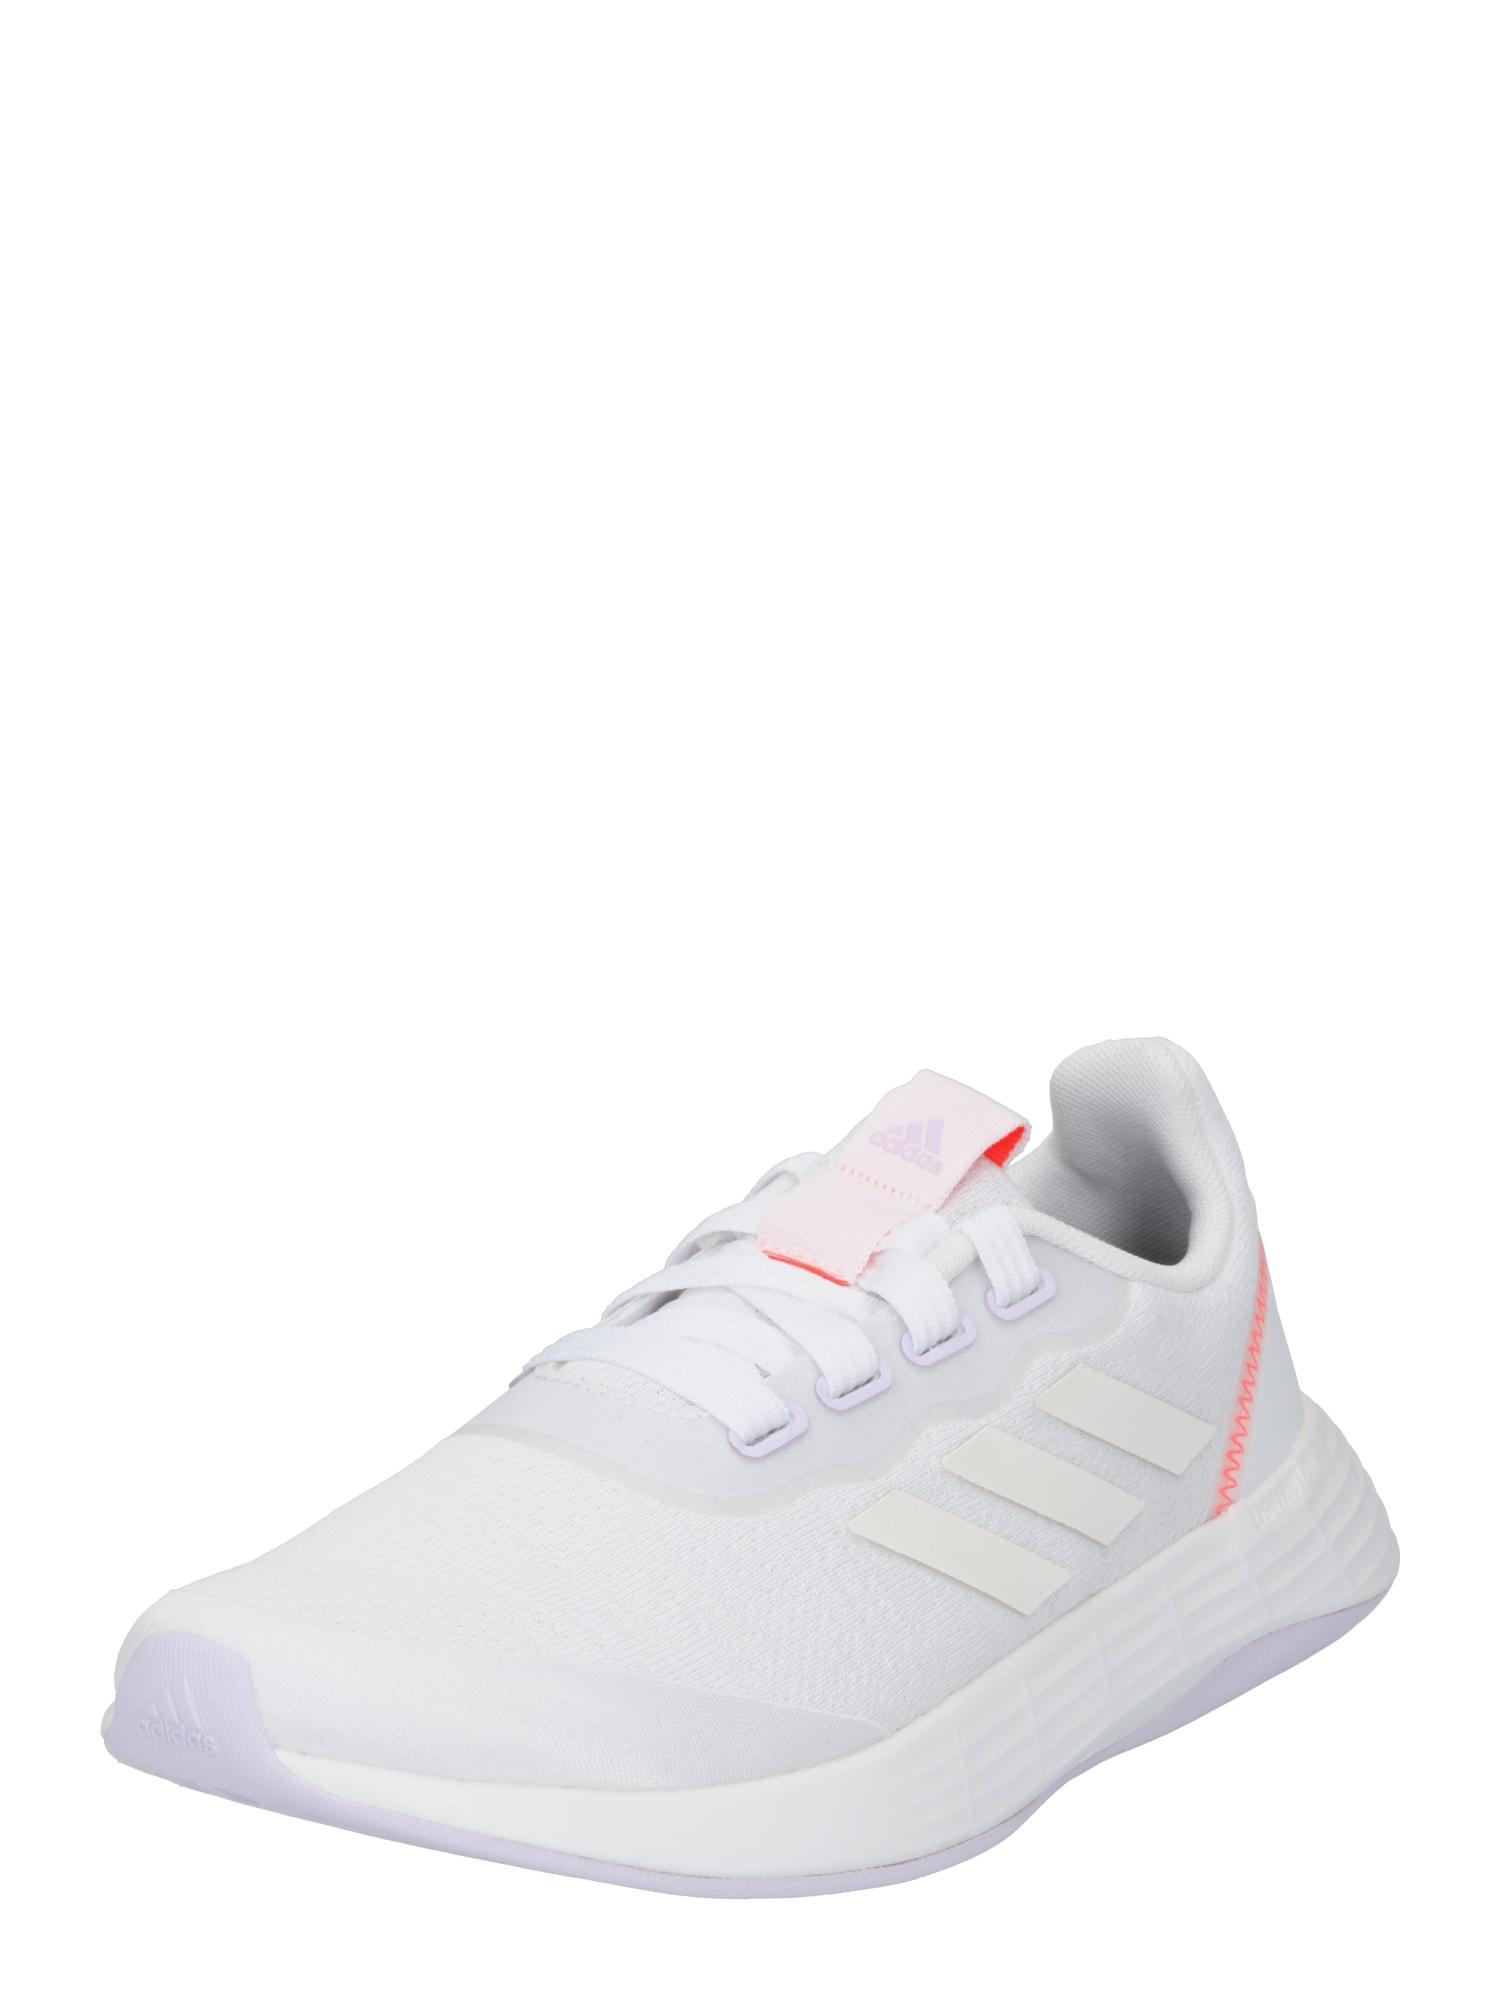 ADIDAS PERFORMANCE Bėgimo batai balta / raudona / šviesiai rožinė